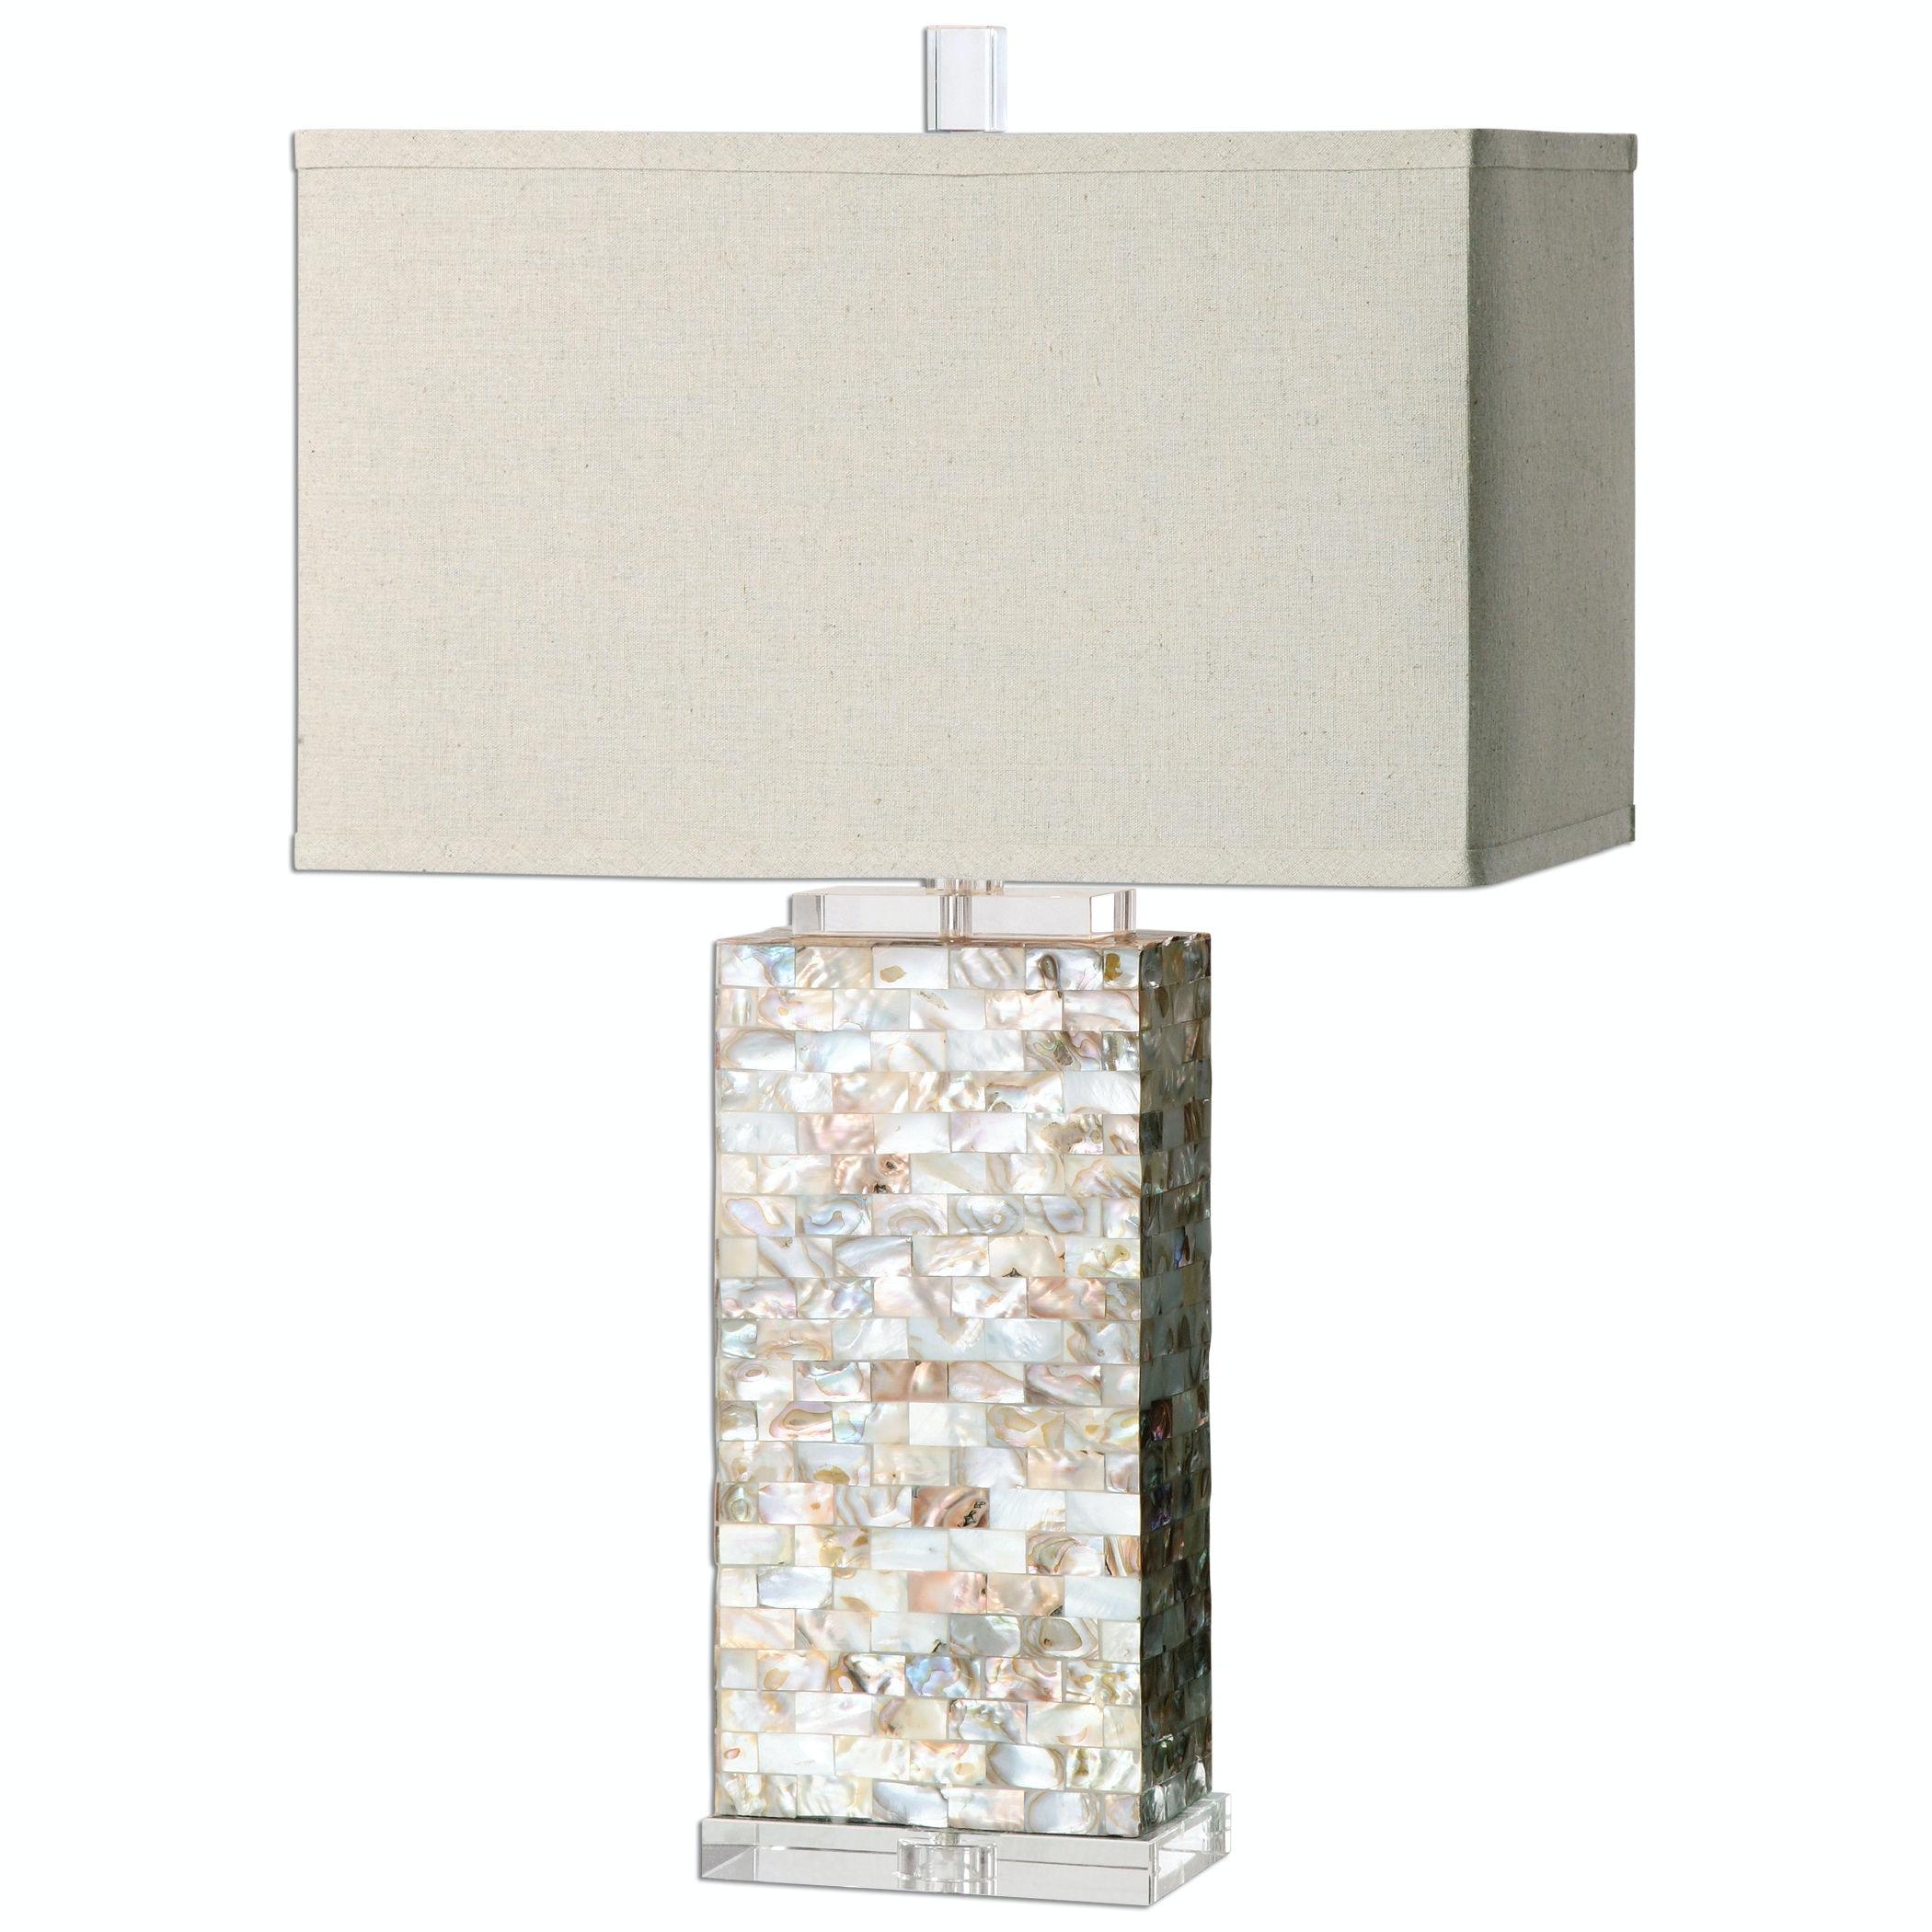 Uttermost Aden Capiz Shell Lamp UT270261 From Walter E. Smithe Furniture +  Design